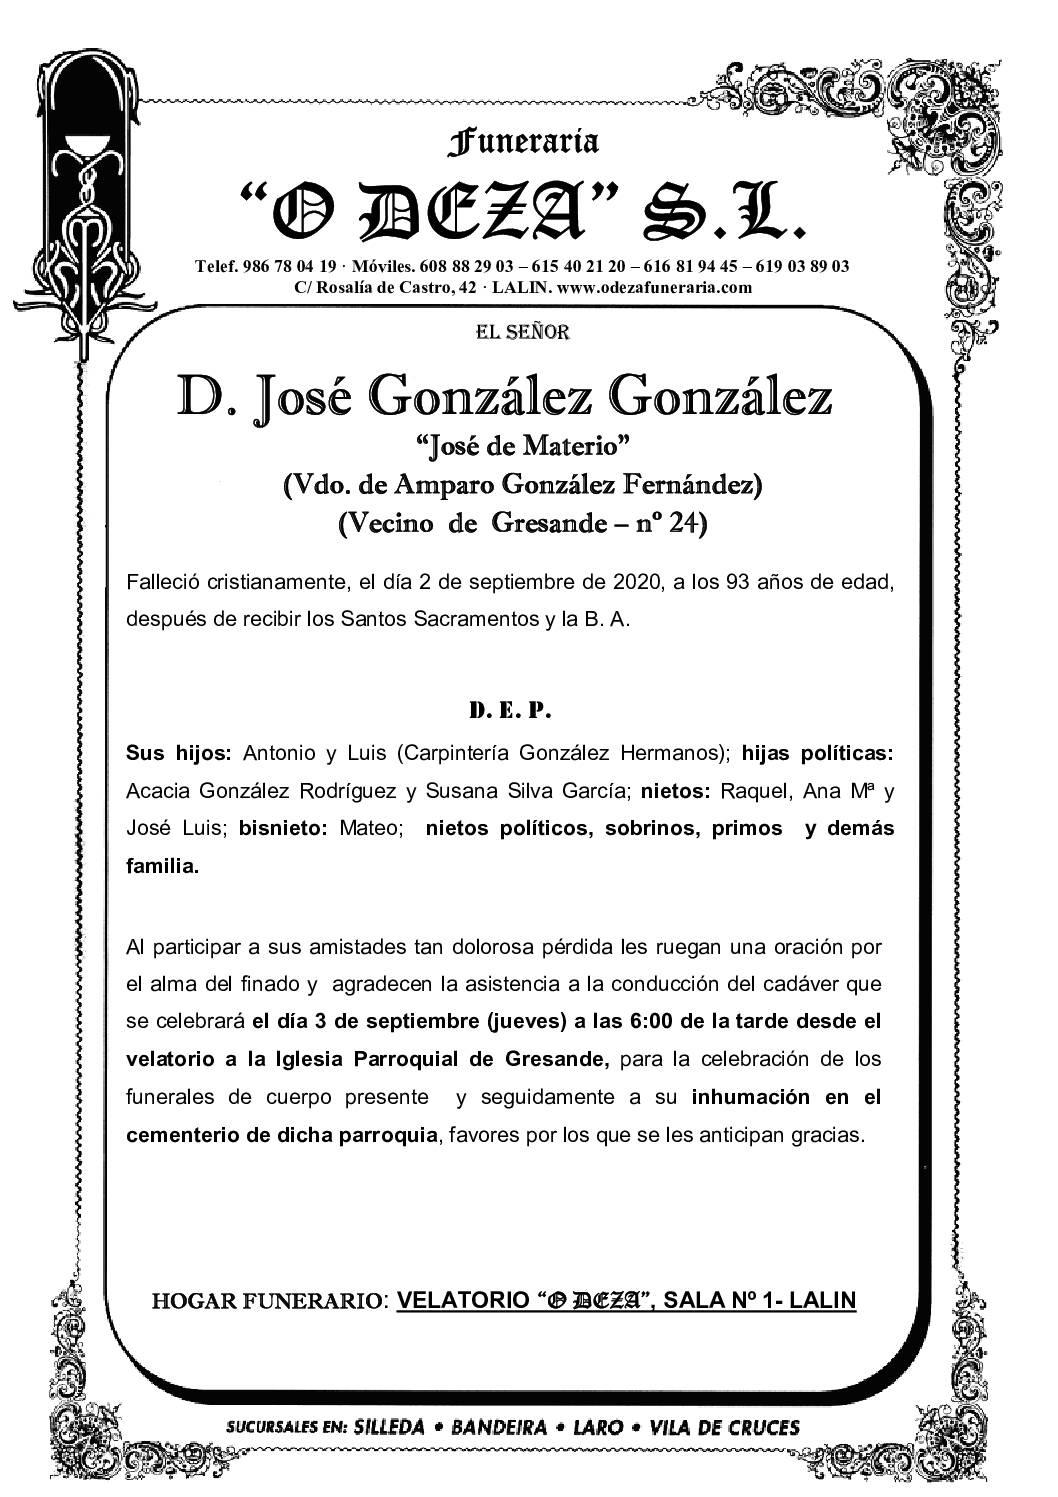 D. JOSÉ GONZÁLEZ GONZÁLEZ